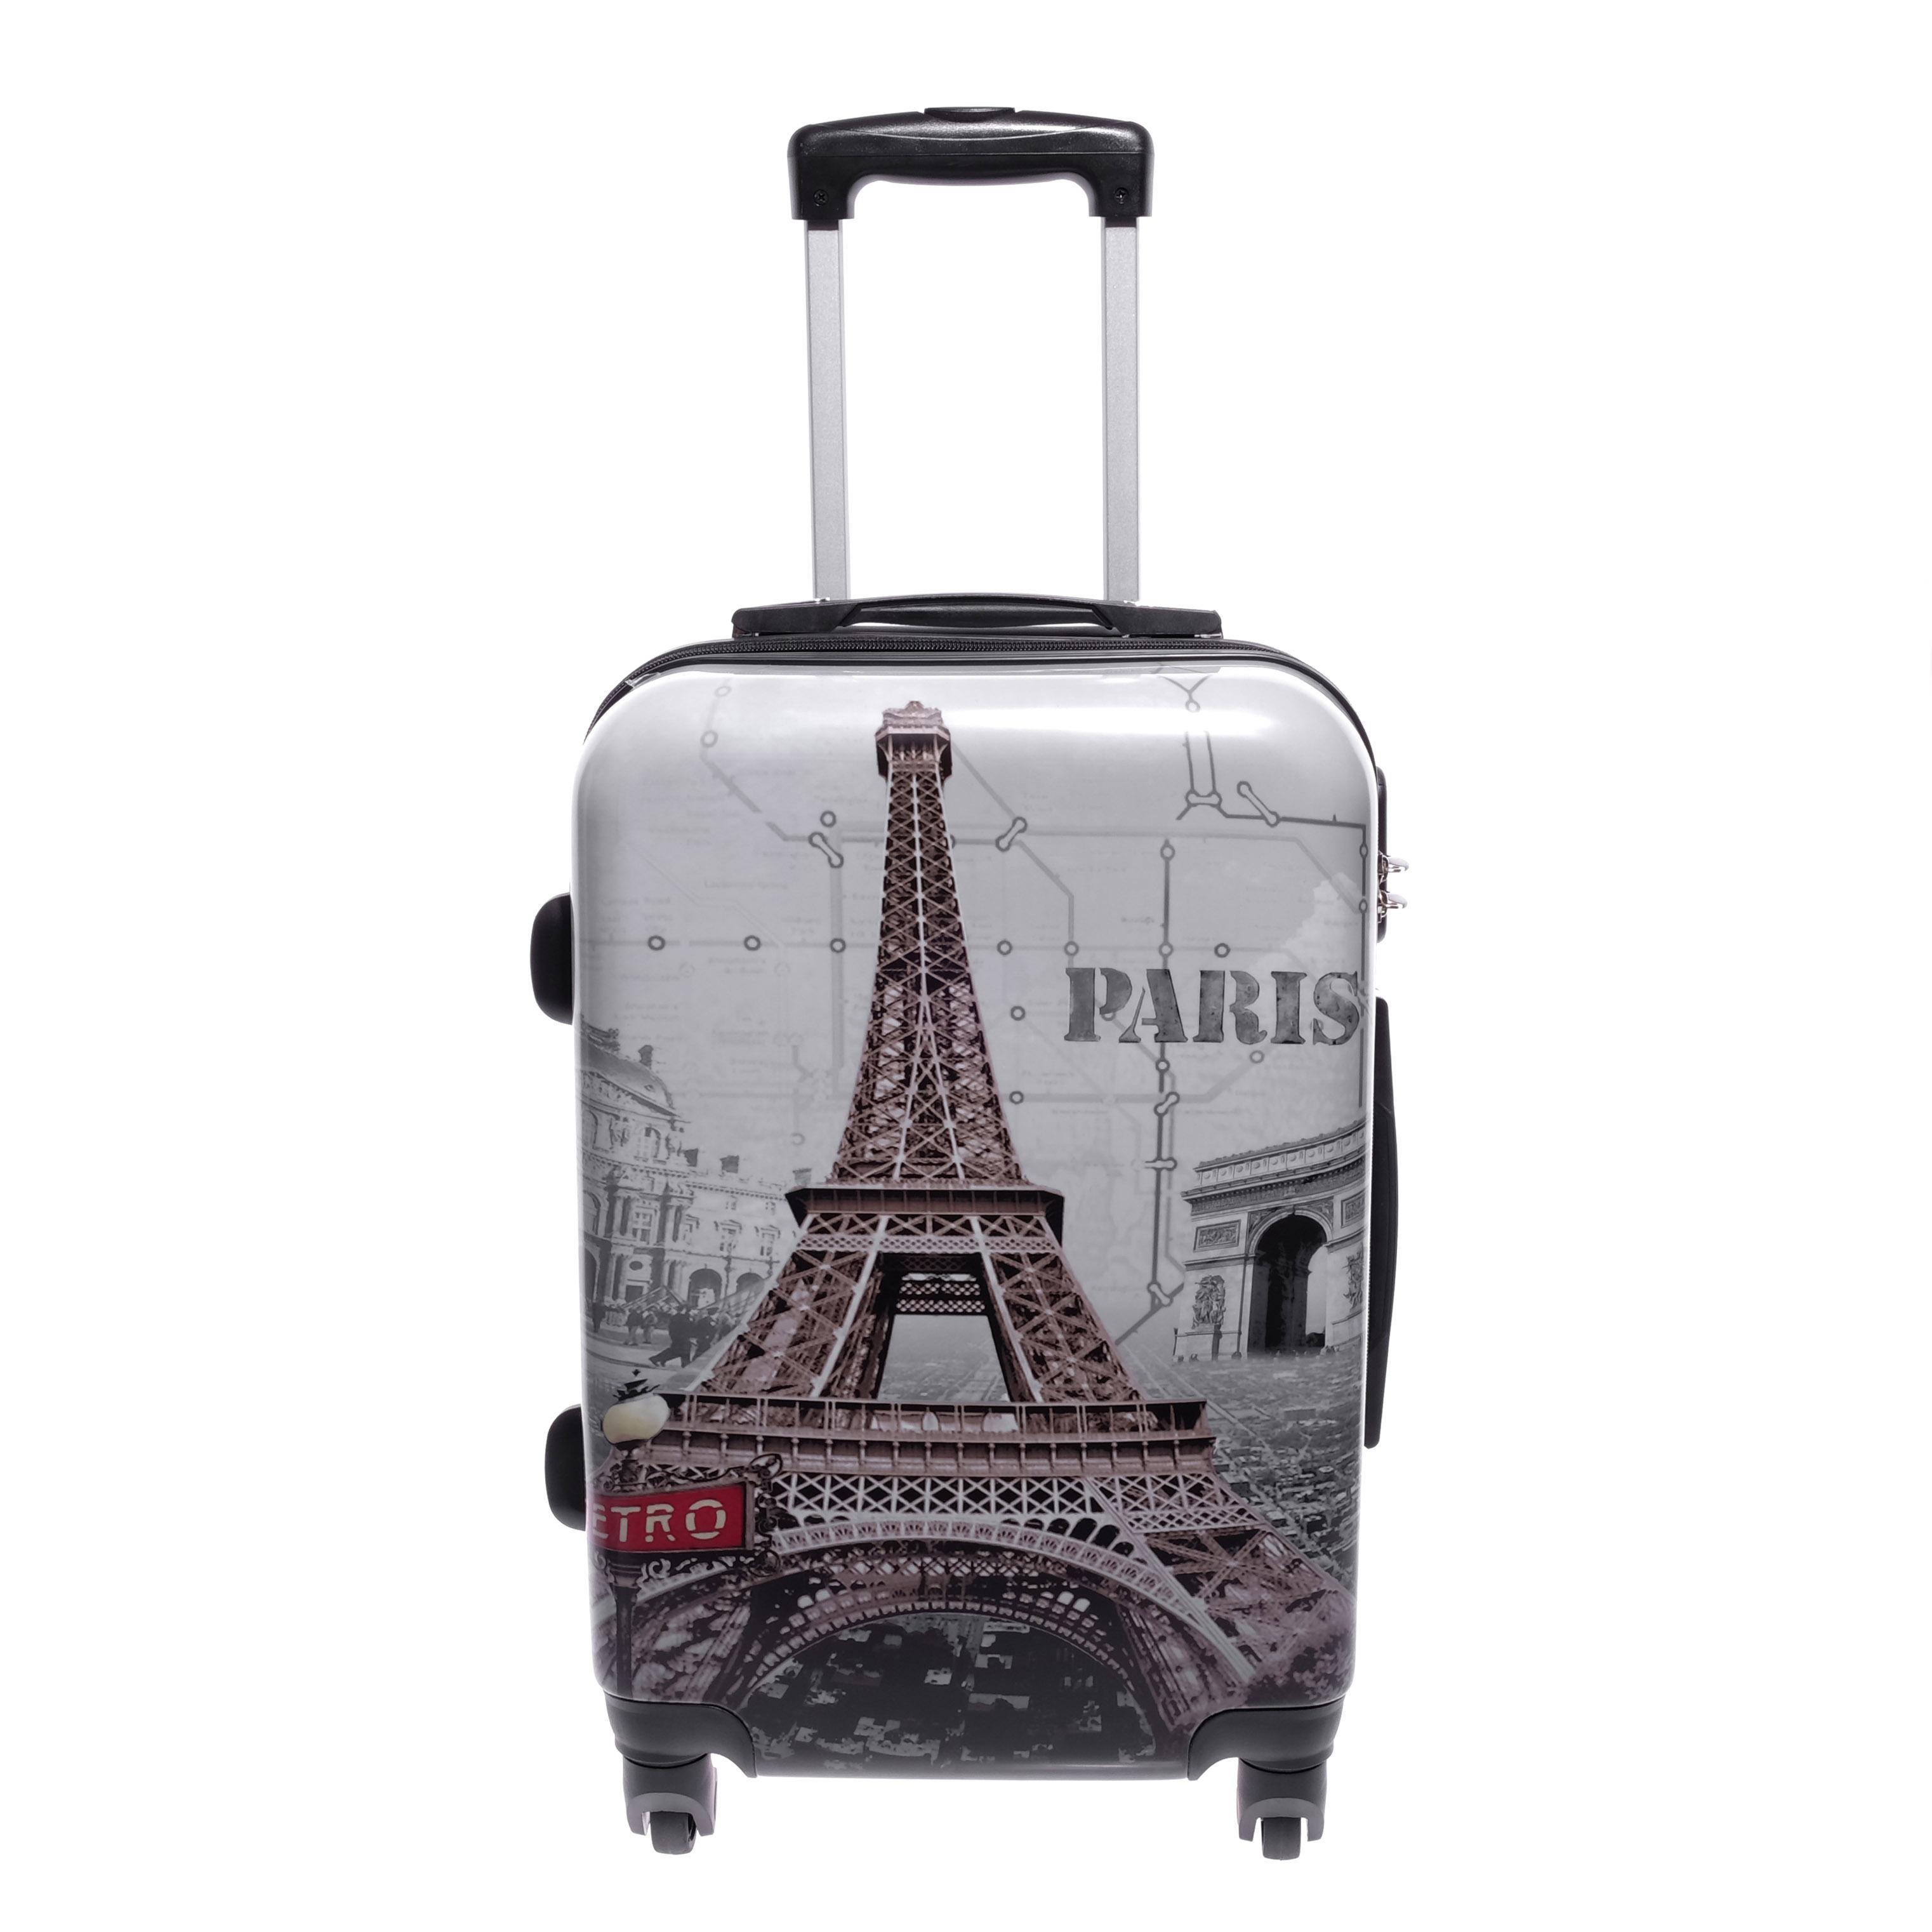 64ccece0c694 Ormi Eiffel Tornyos Kemény Közepes Bőrönd - KÖZEPES MÉRETŰ BŐRÖNDÖK - Táska  webáruház - Minőségi táskák mindenkinek